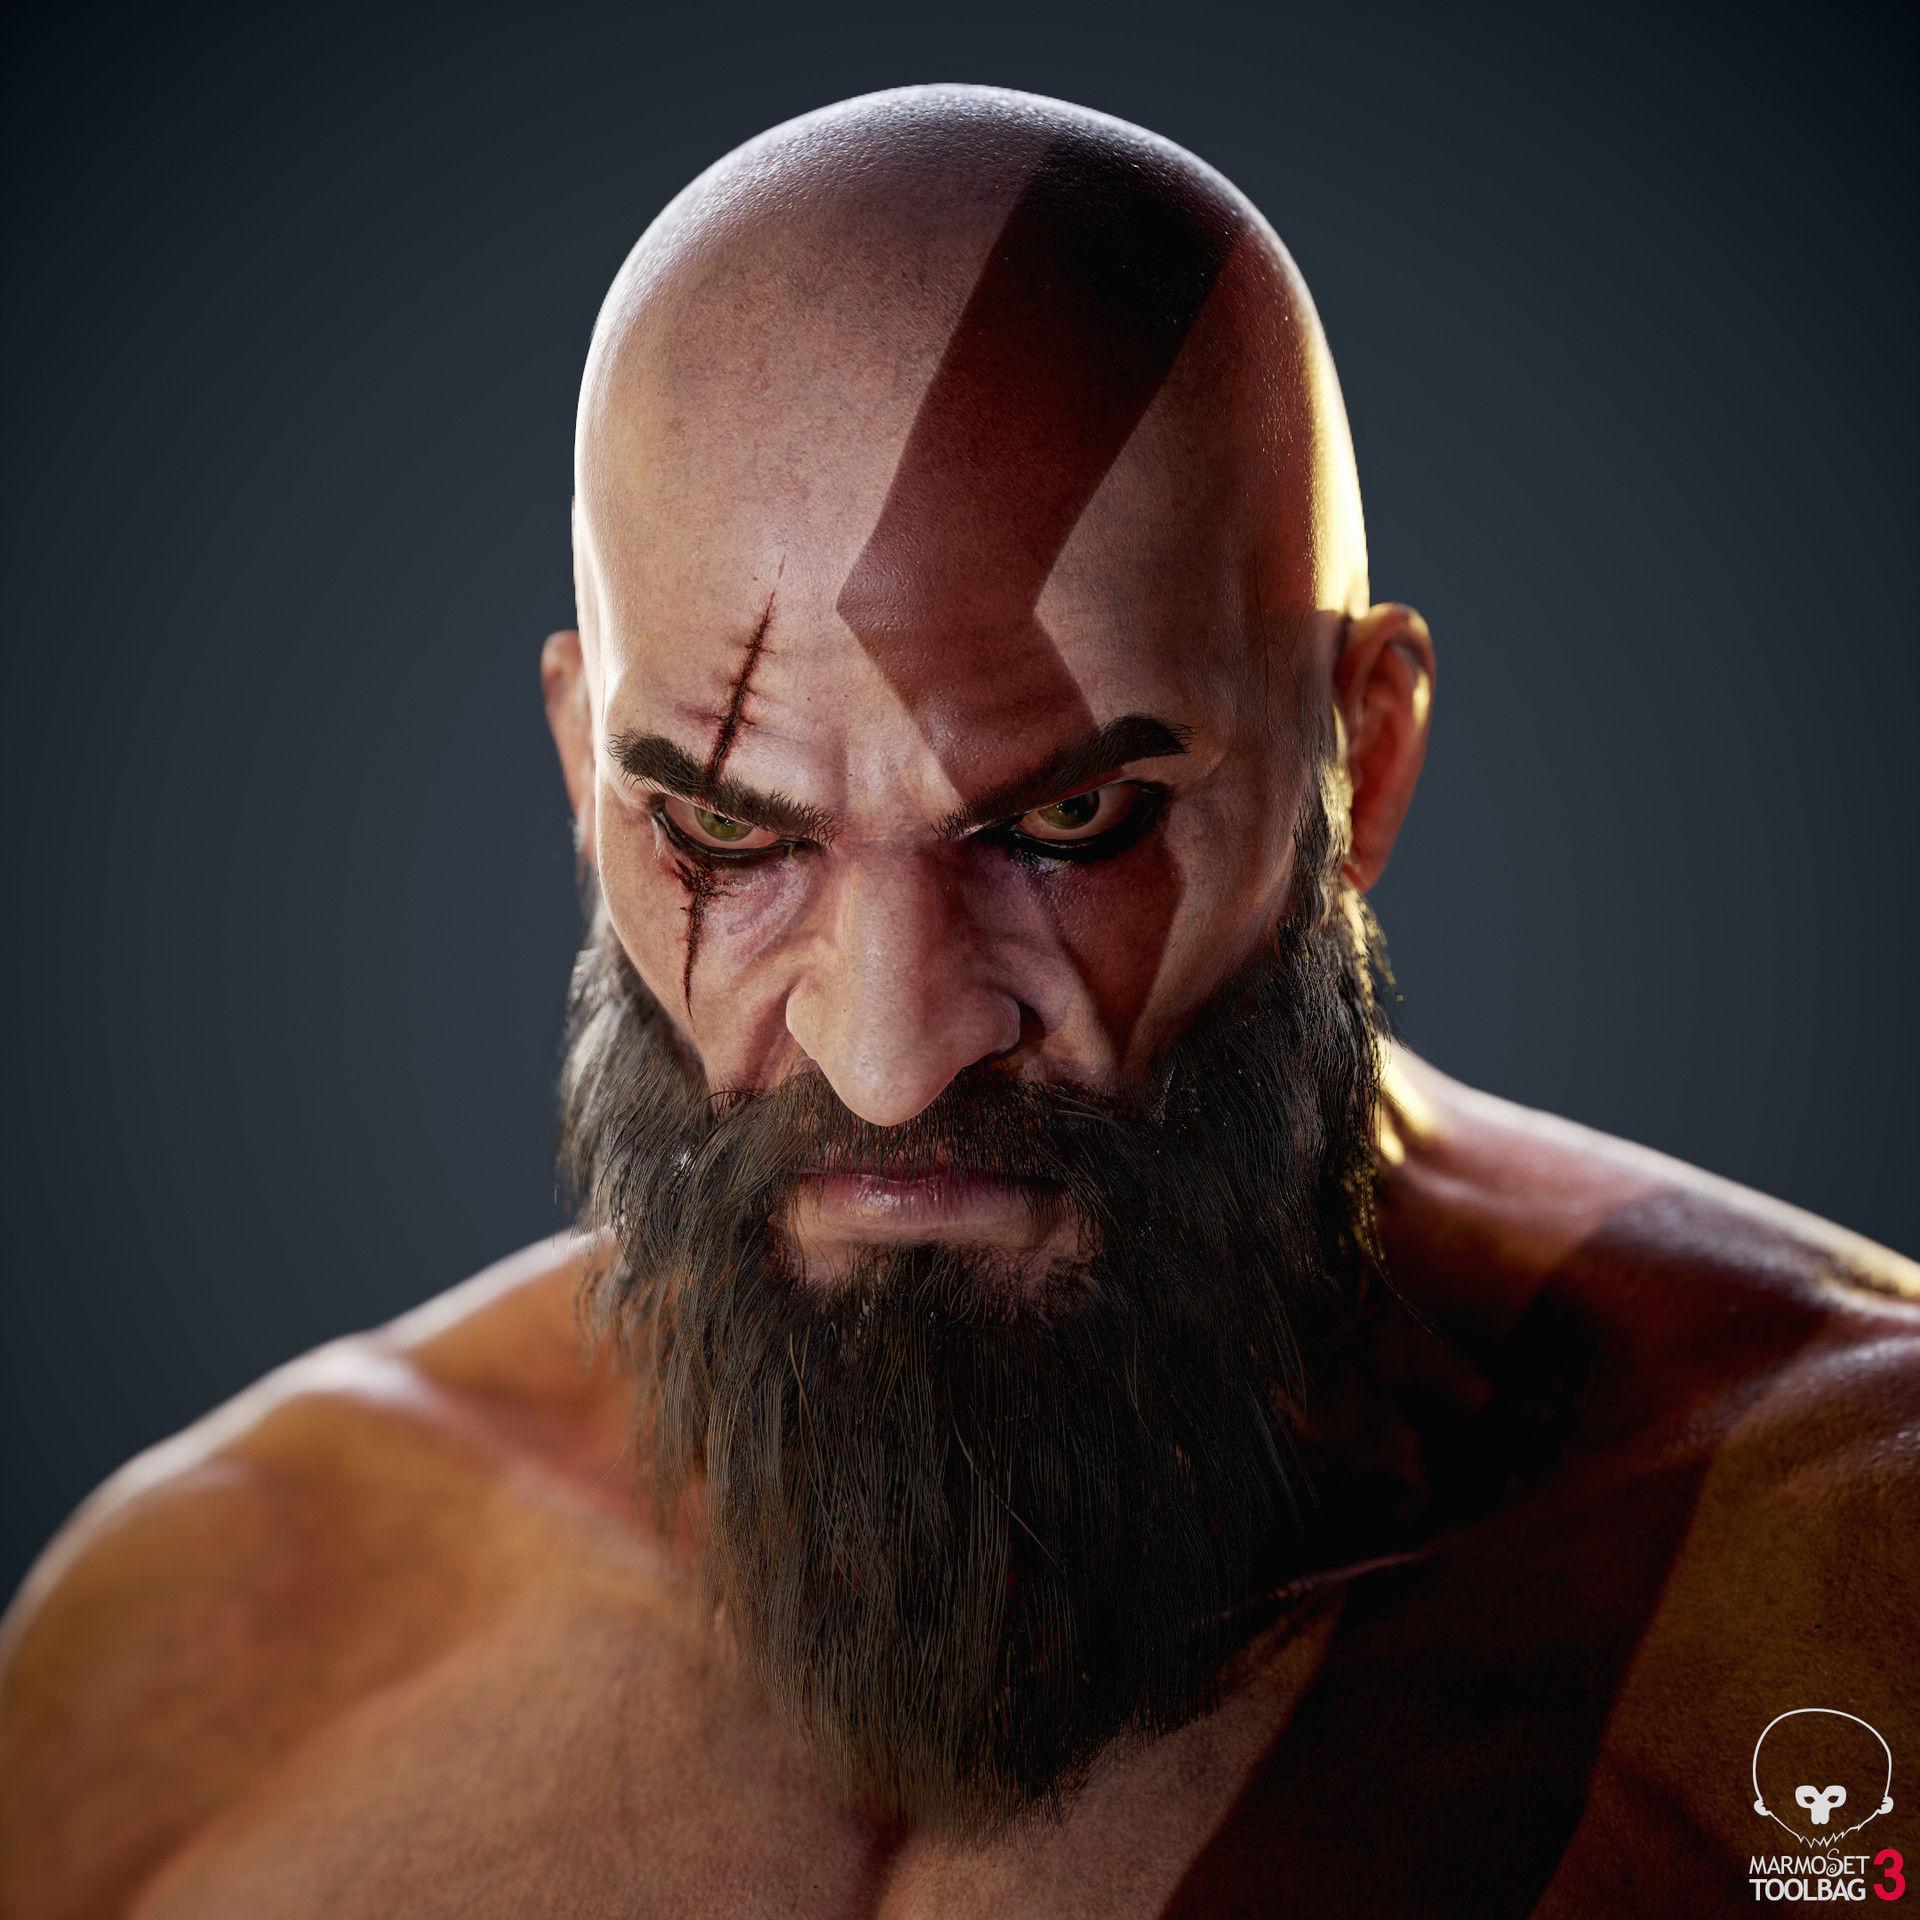 Türk çizerin yaptığı Kratos çalışması kesinlikle görülmeye değer